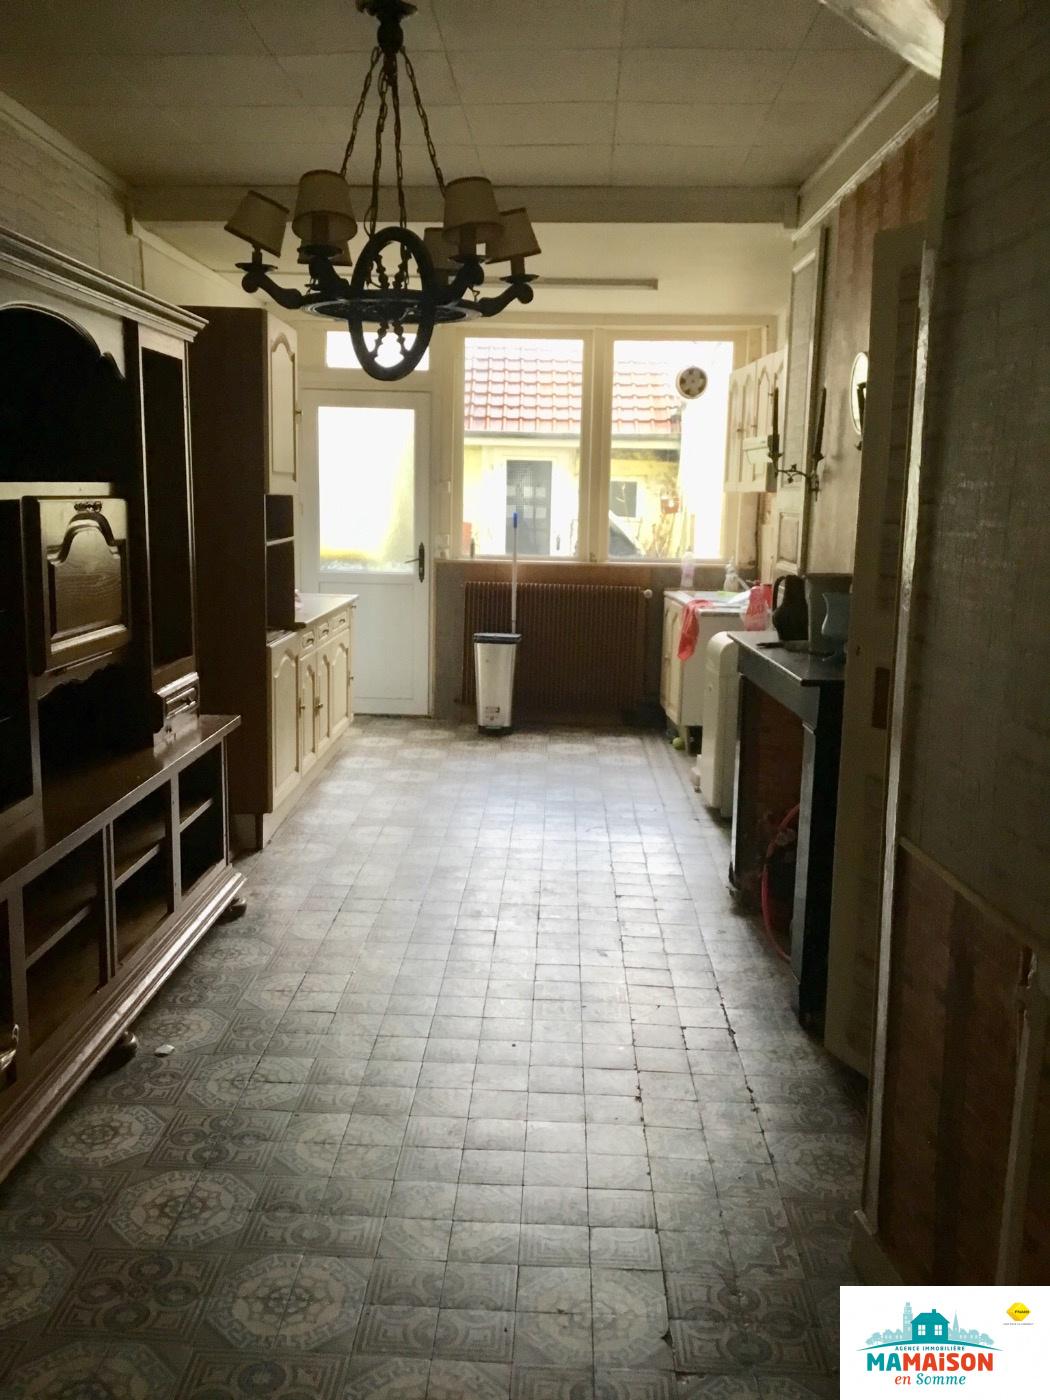 Maison-en-Somme-Doullens